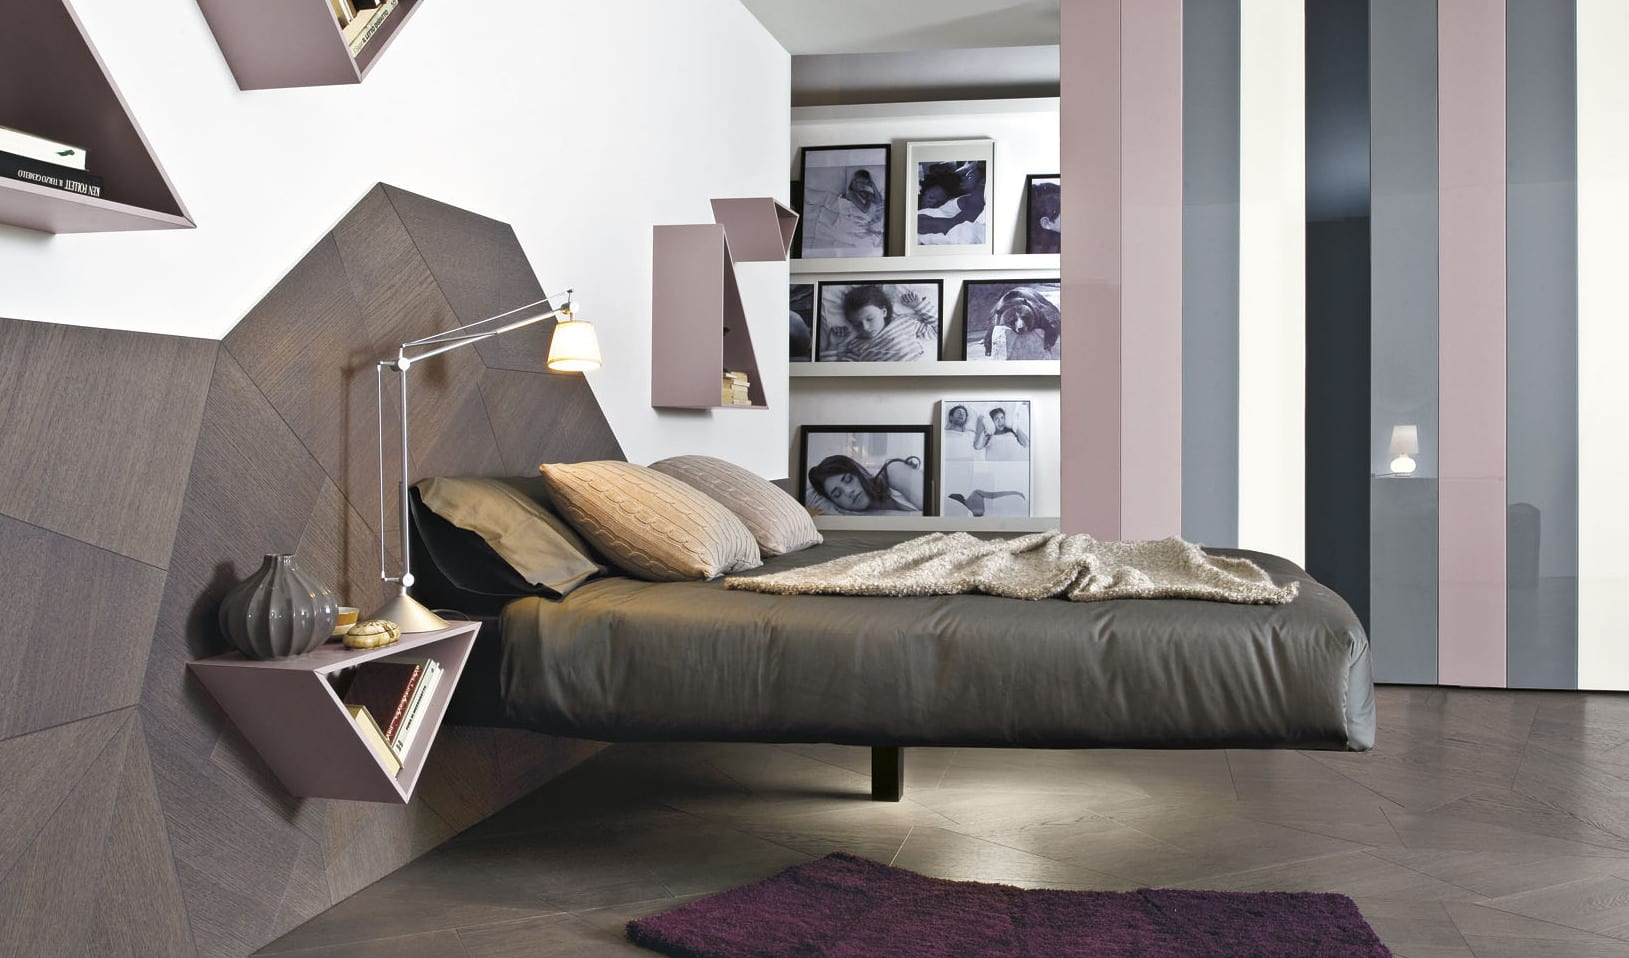 schlafzimmer gestaltung mit rasafarbigen dreieckigen wandregalen und nachttischen und interessante Holzelementen als coole wandgestaltung